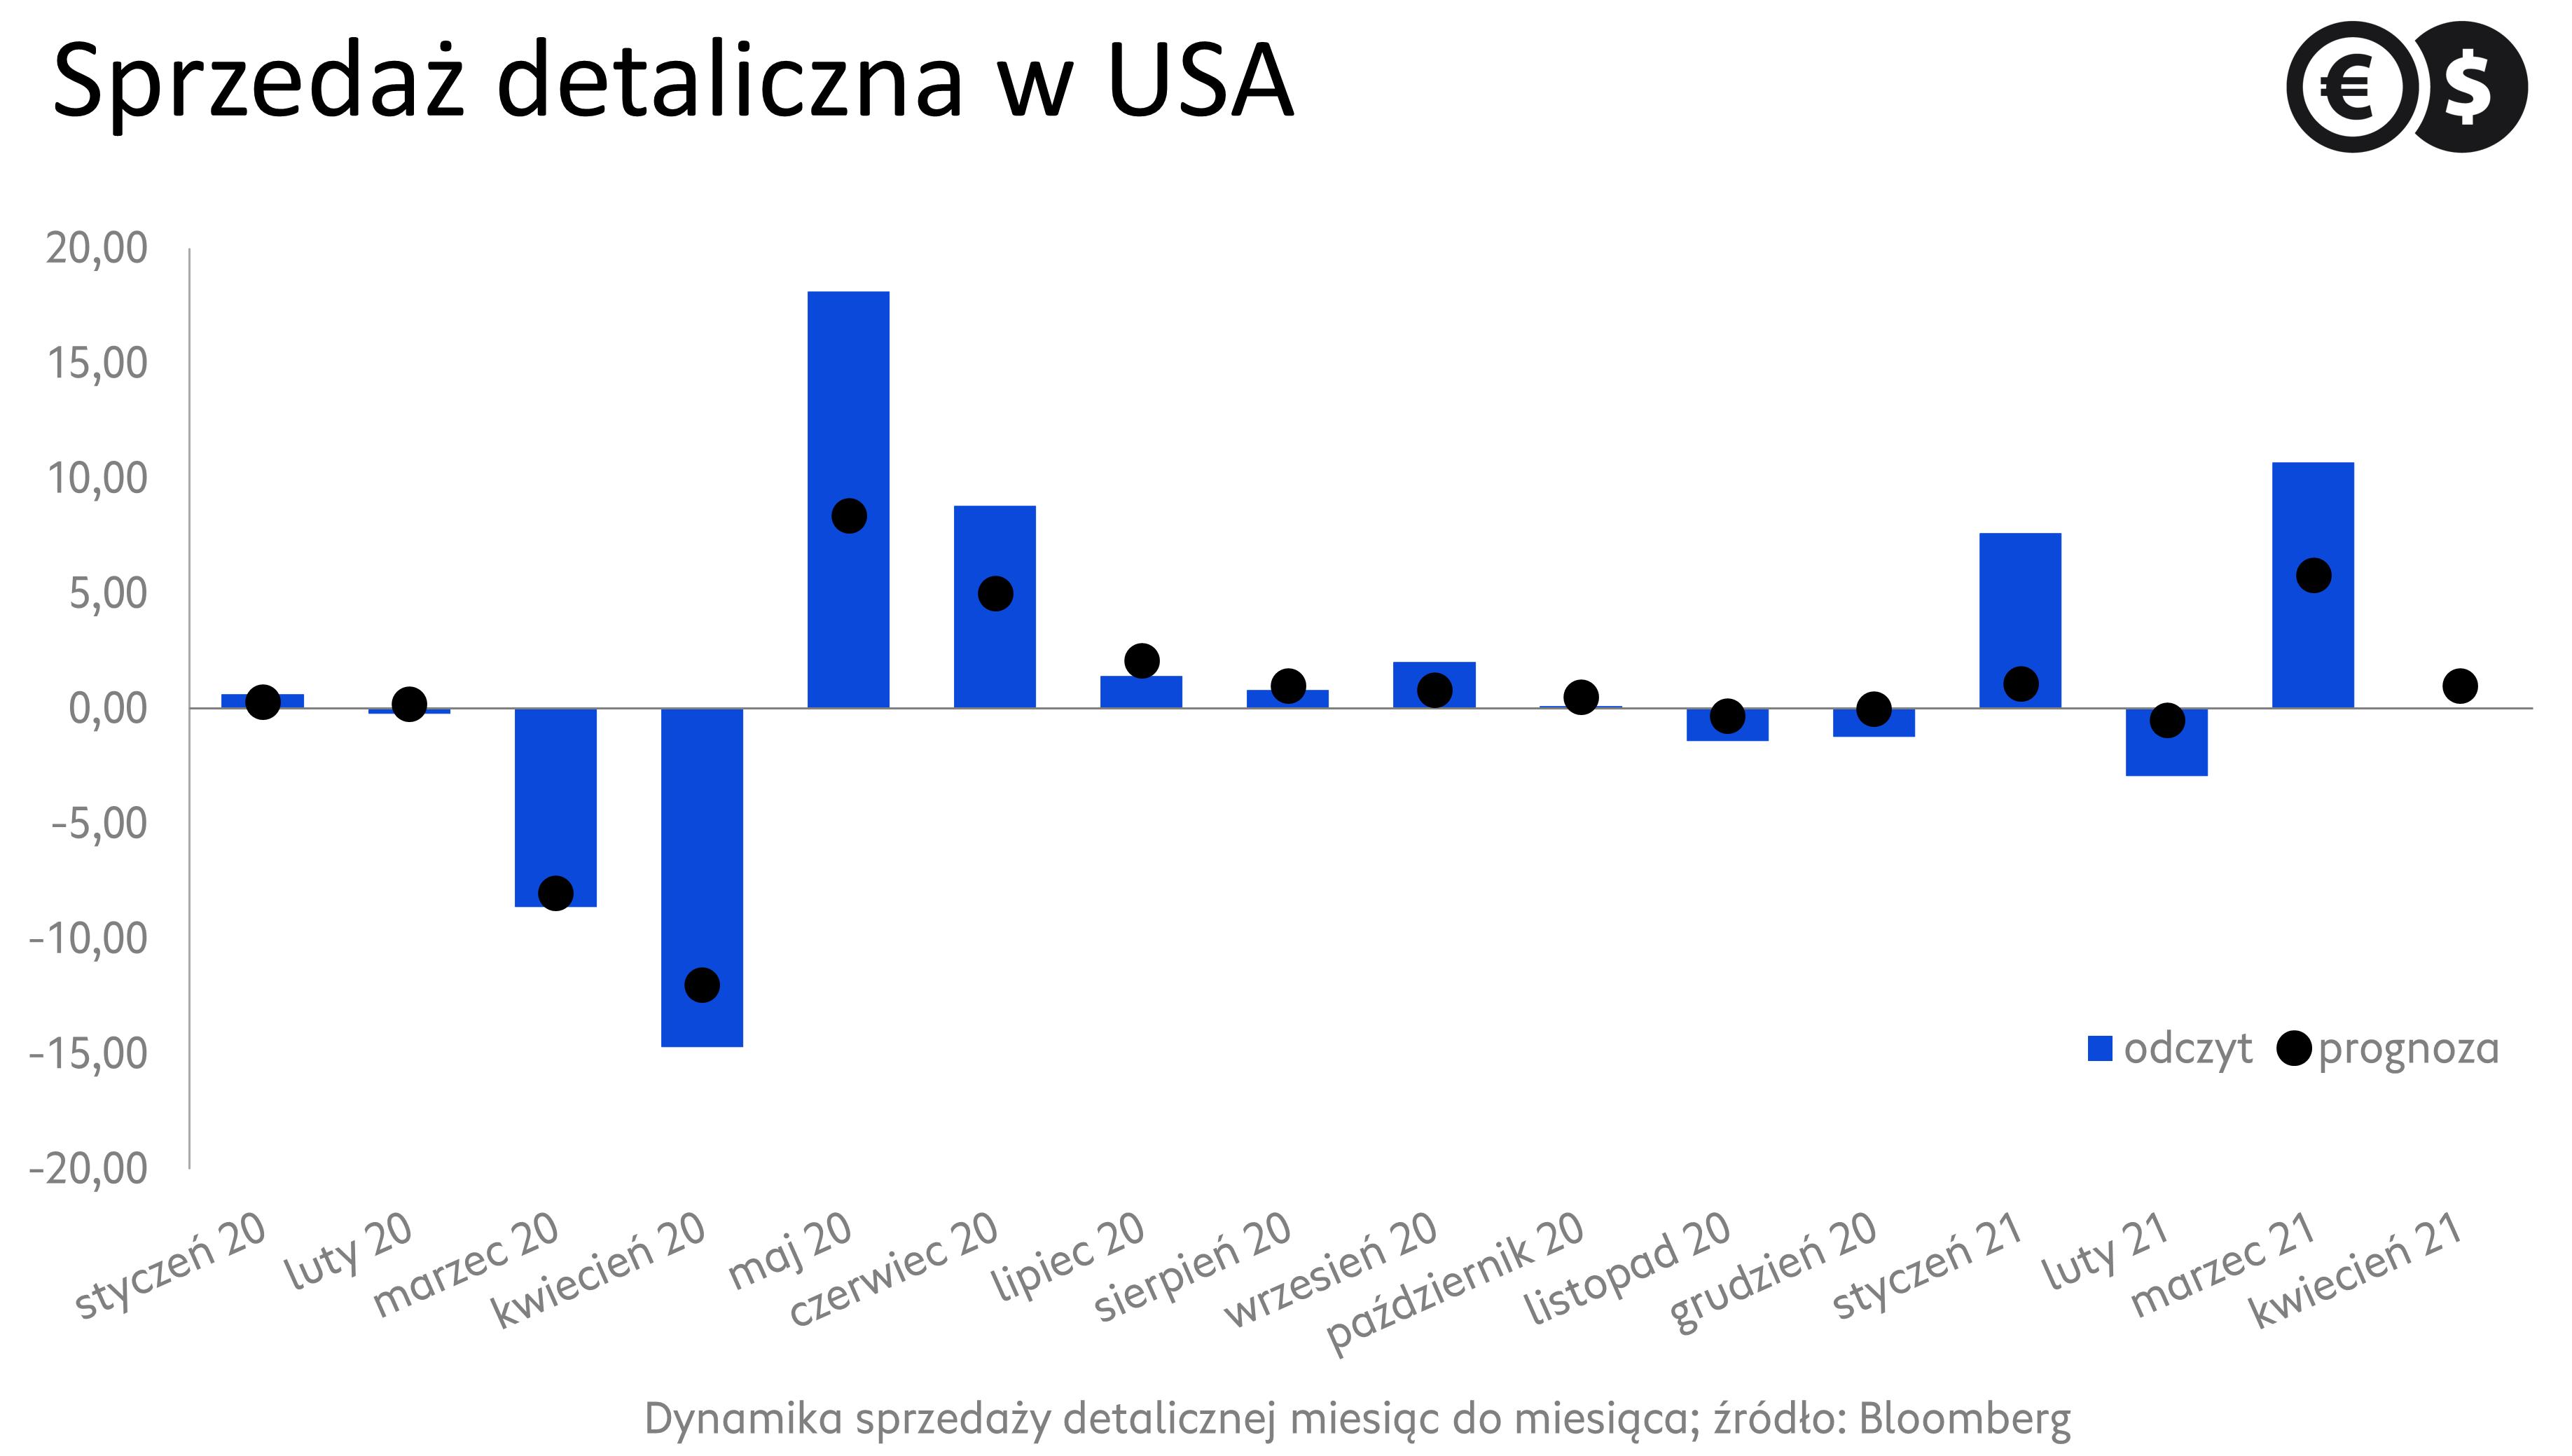 Sprzedaż detaliczna w USA, dynamika m/m; źródło: Bloomberg